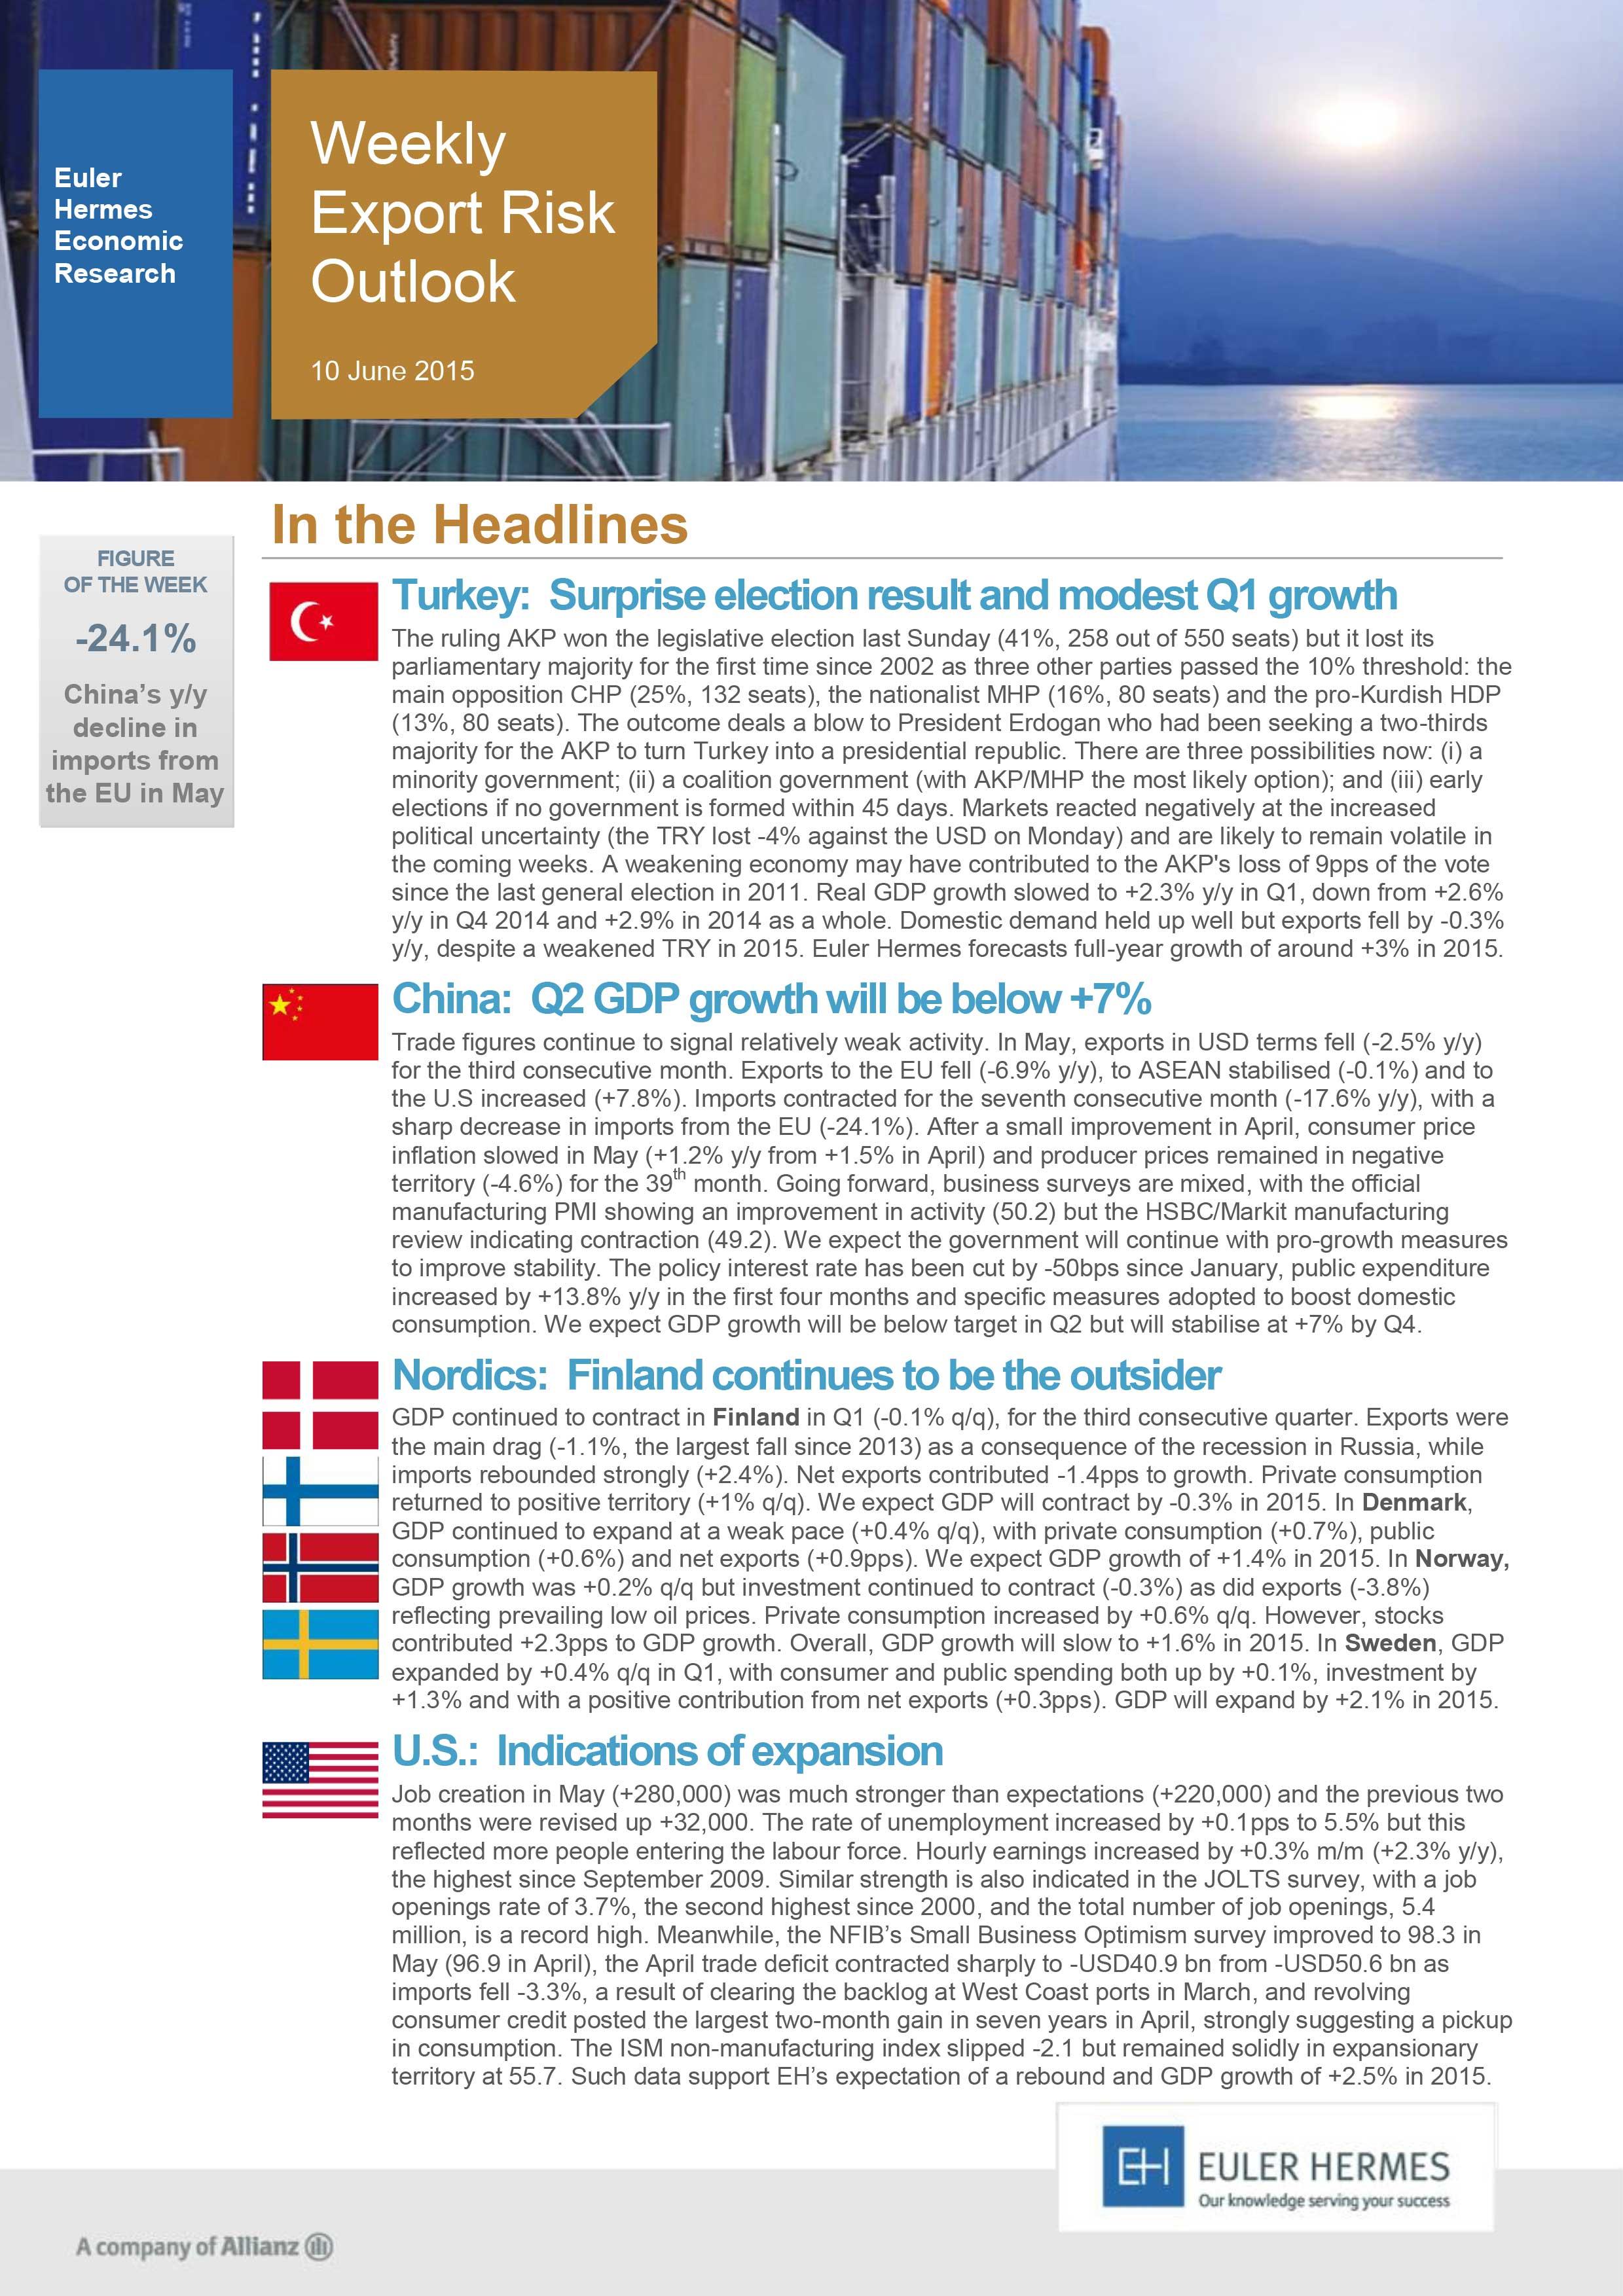 2015_06_10_Weekly_Export_Risk_Outlook-n23-1